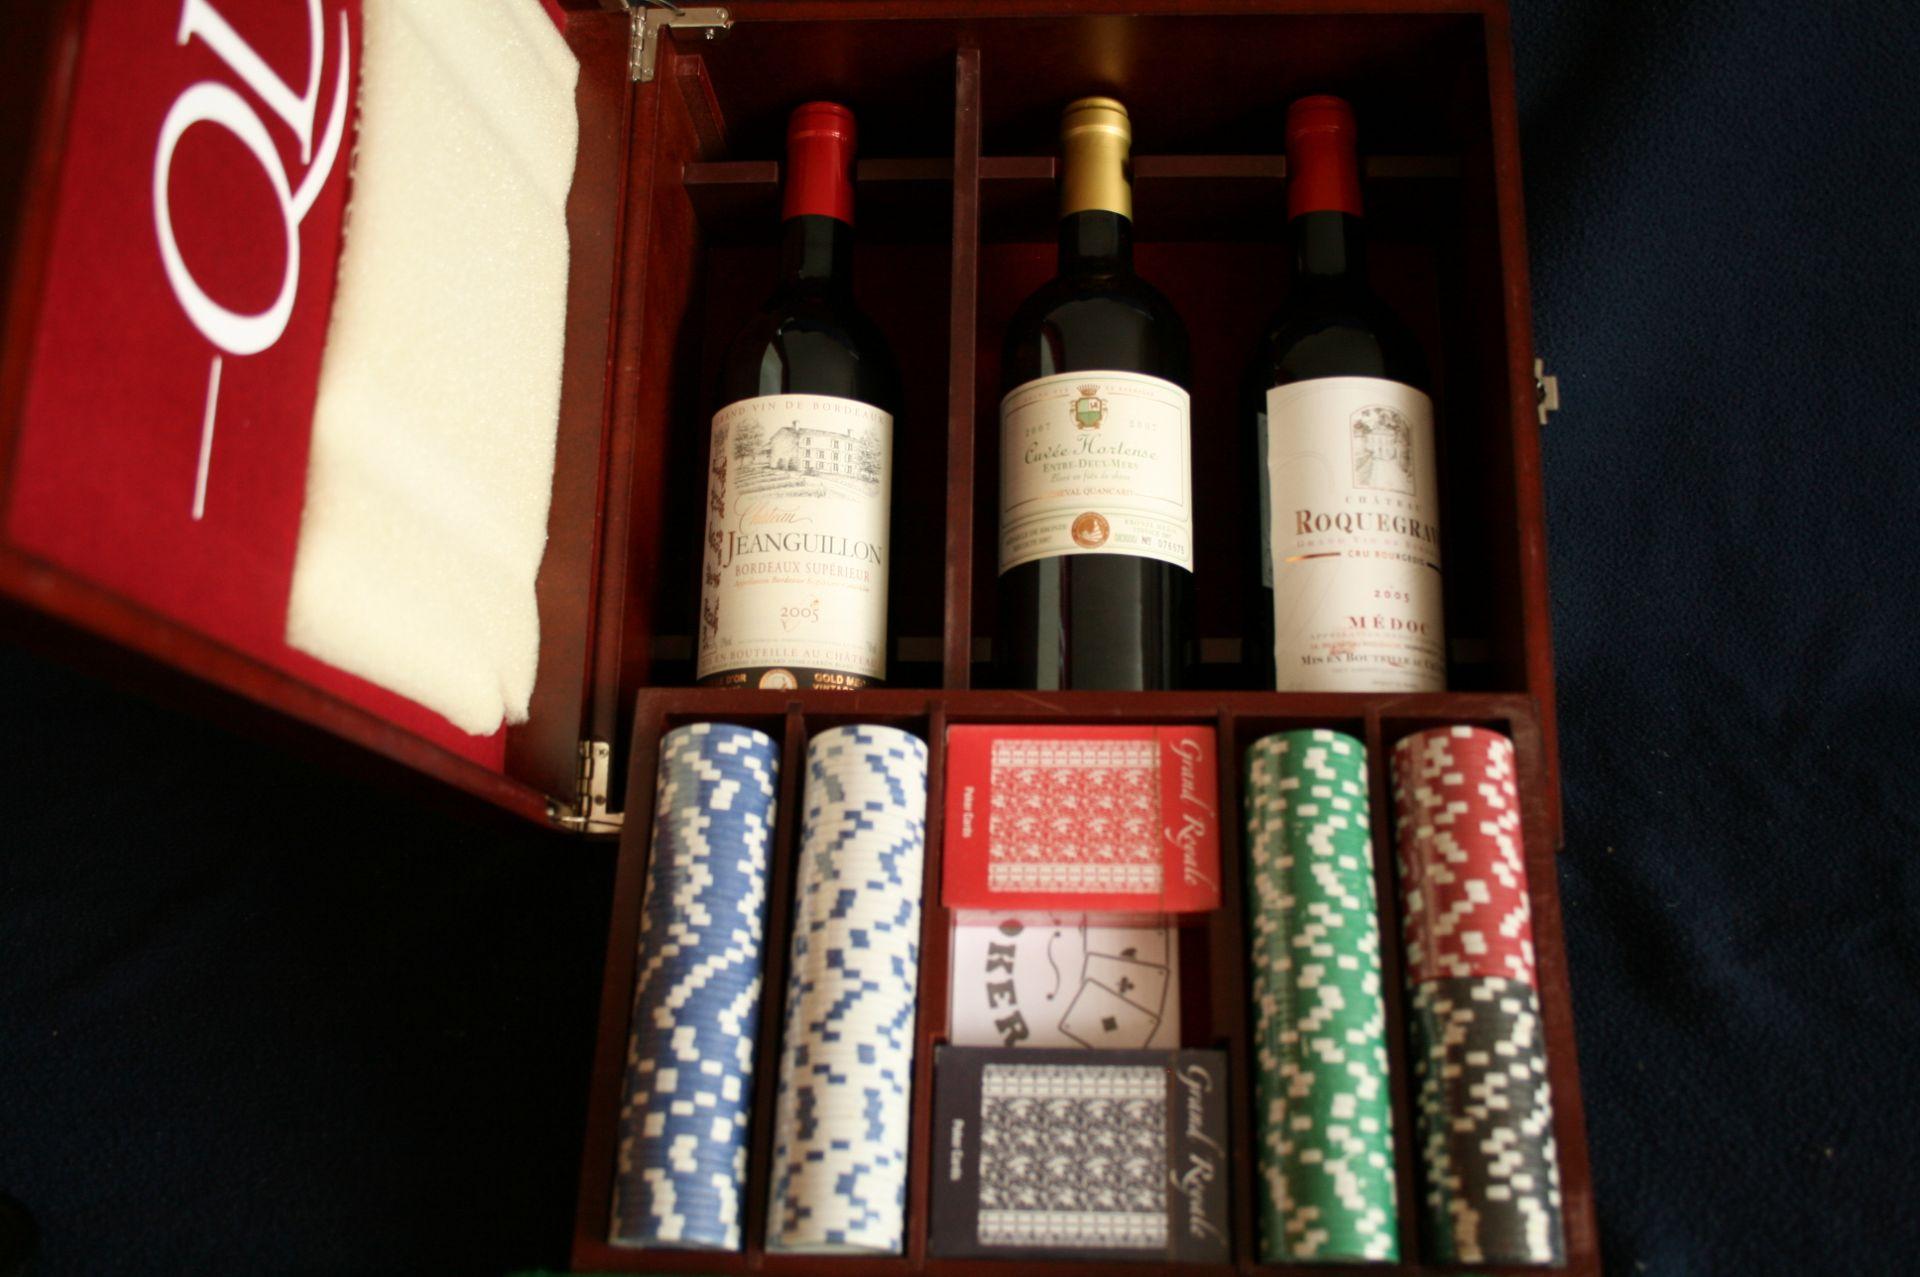 Los 49 - Coffret de poker avec cartes et jetons et 3 bouteilles de Bordeaux: Médoc Château [...]